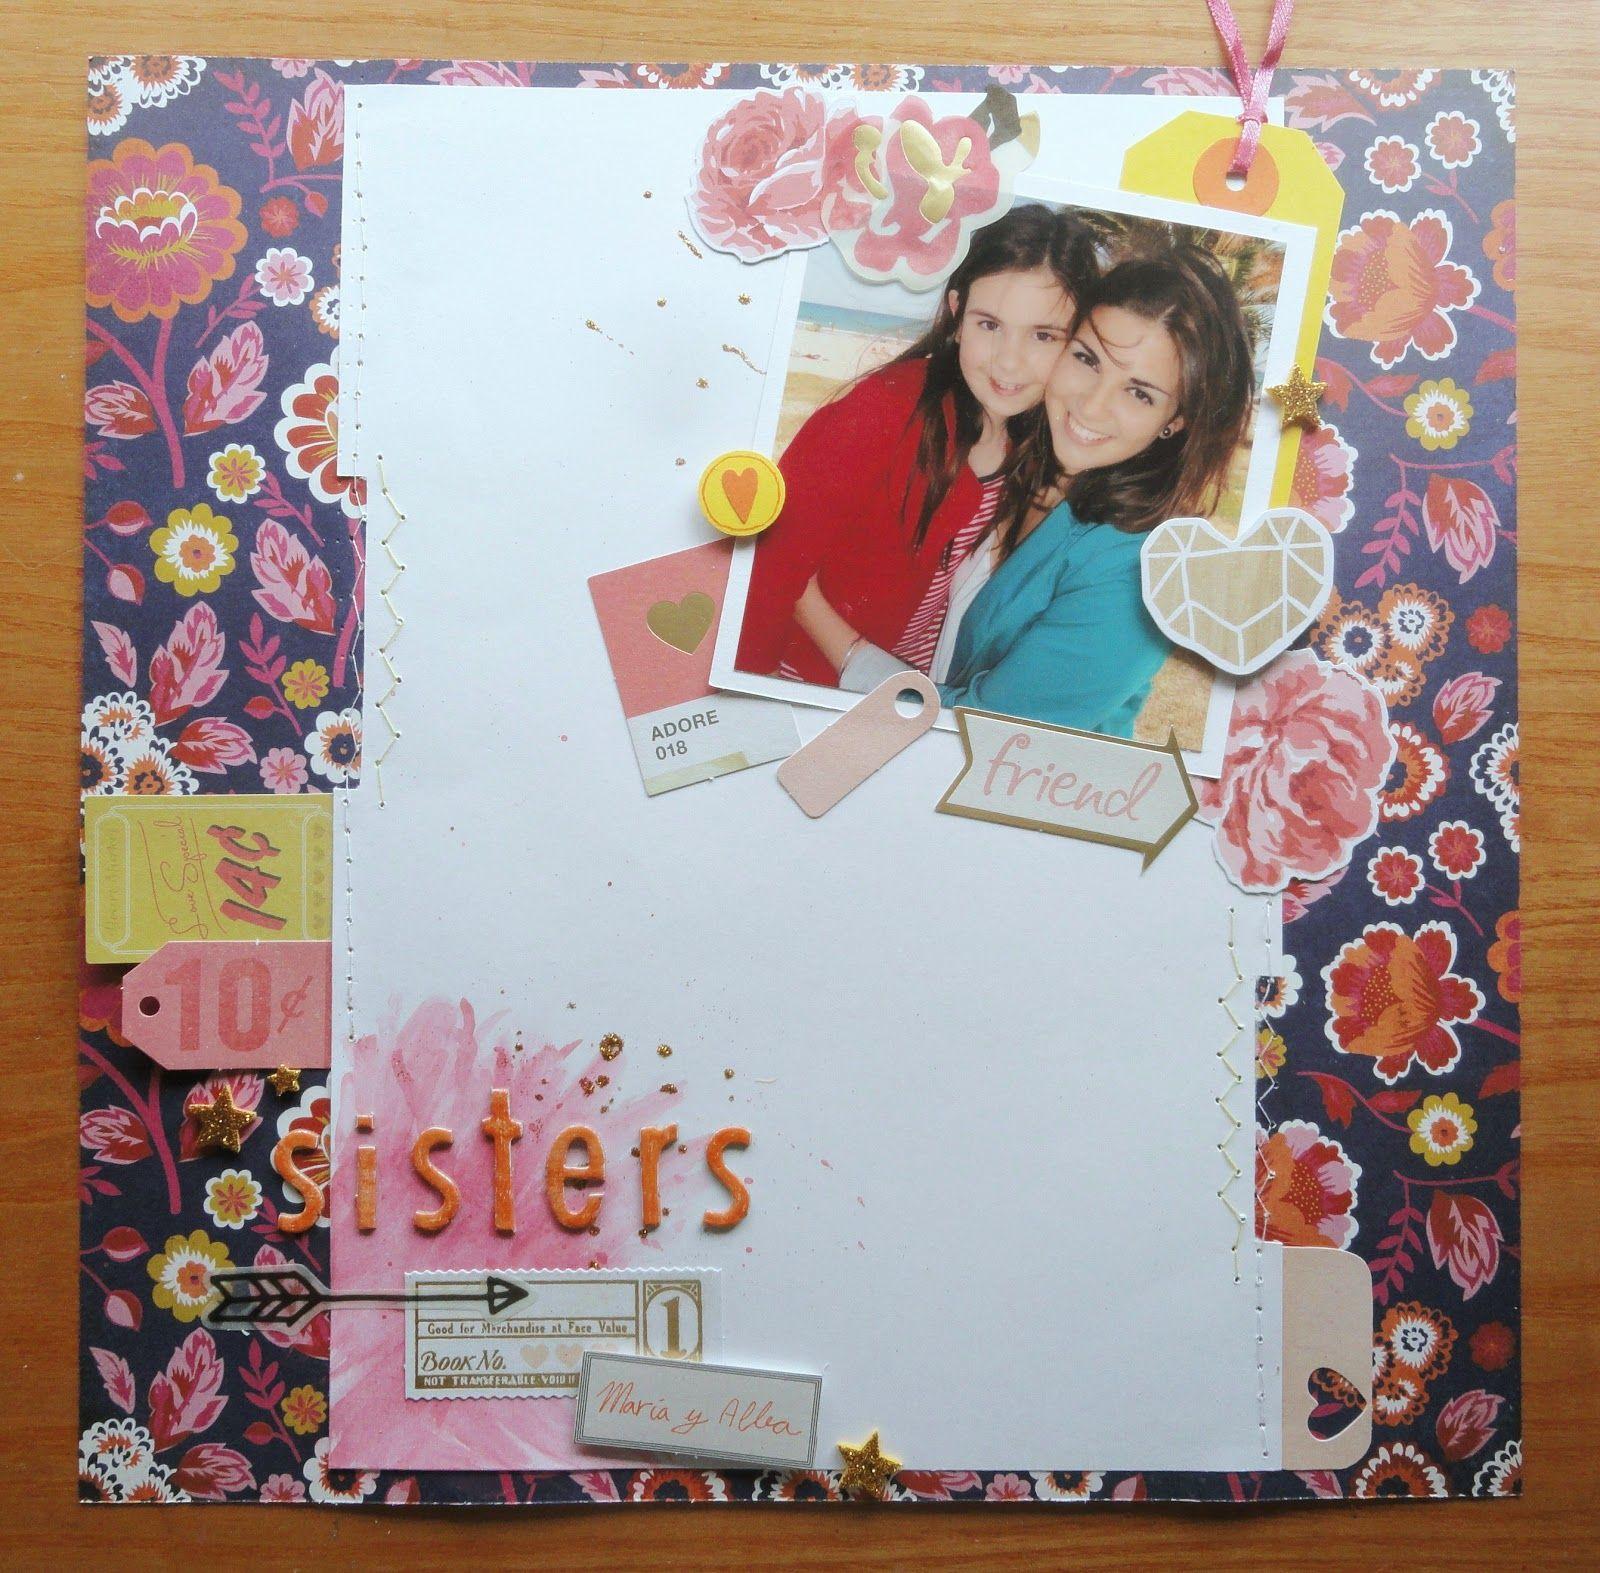 Crafts y más: LO sisters